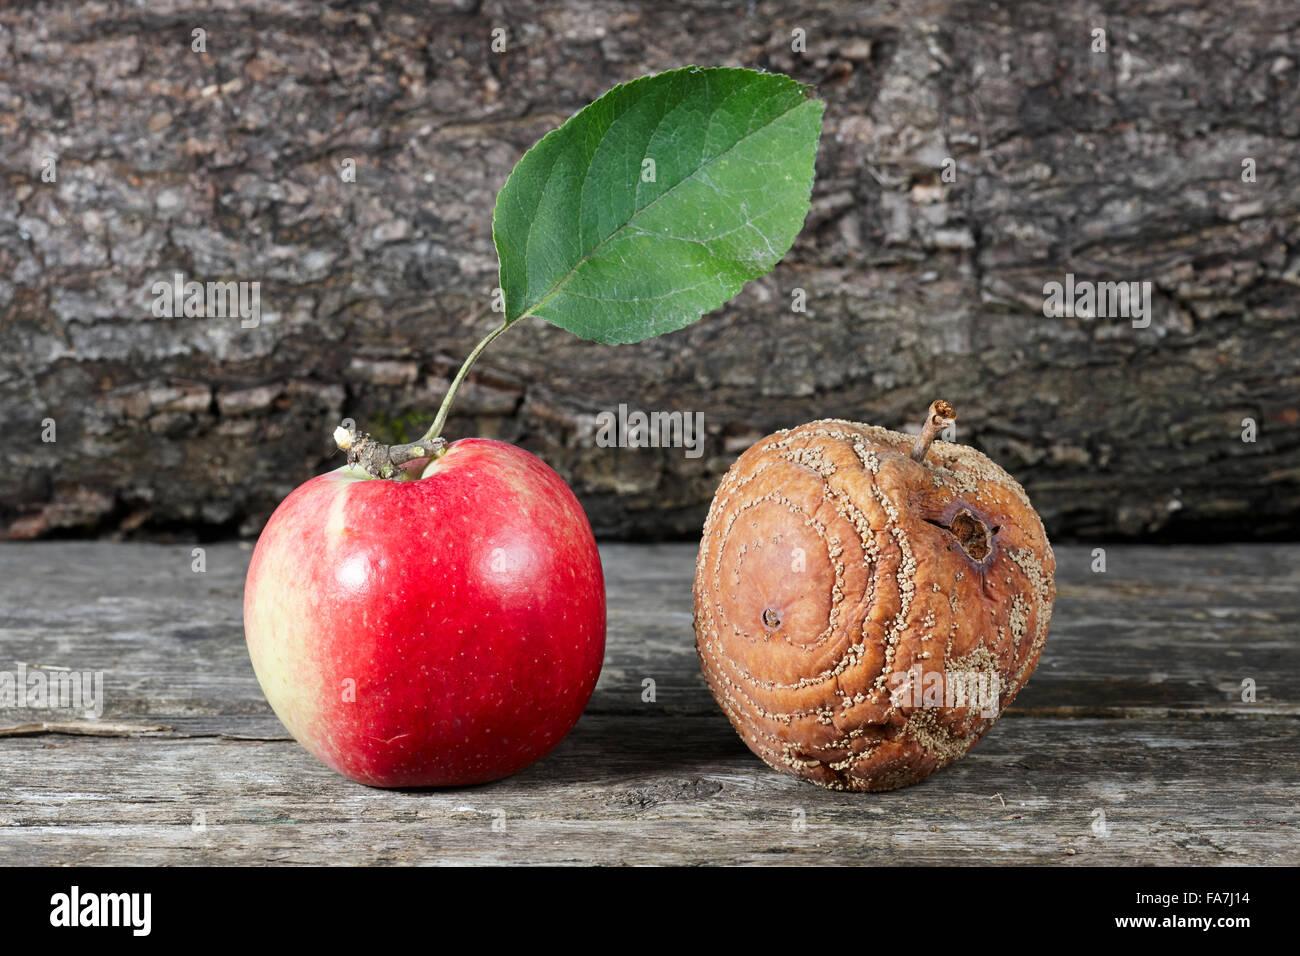 Marcio e una fresca apple ha messo insieme. Nome scientifico: Malus domestica. Immagini Stock